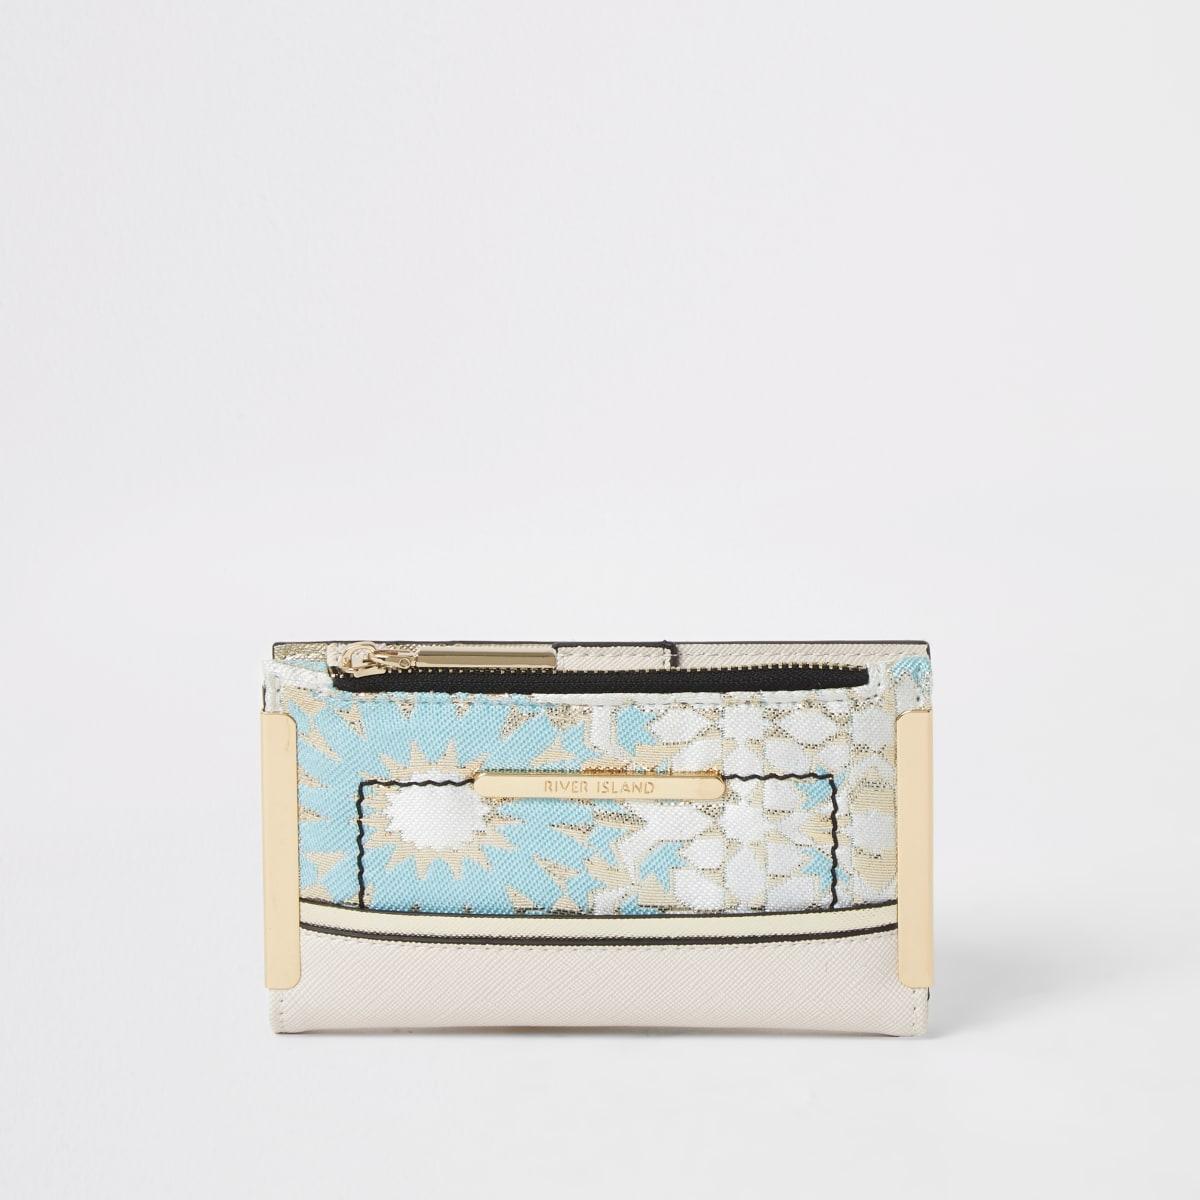 Blaue Mini-Geldbörse aus Jacquard zum Aufklappen